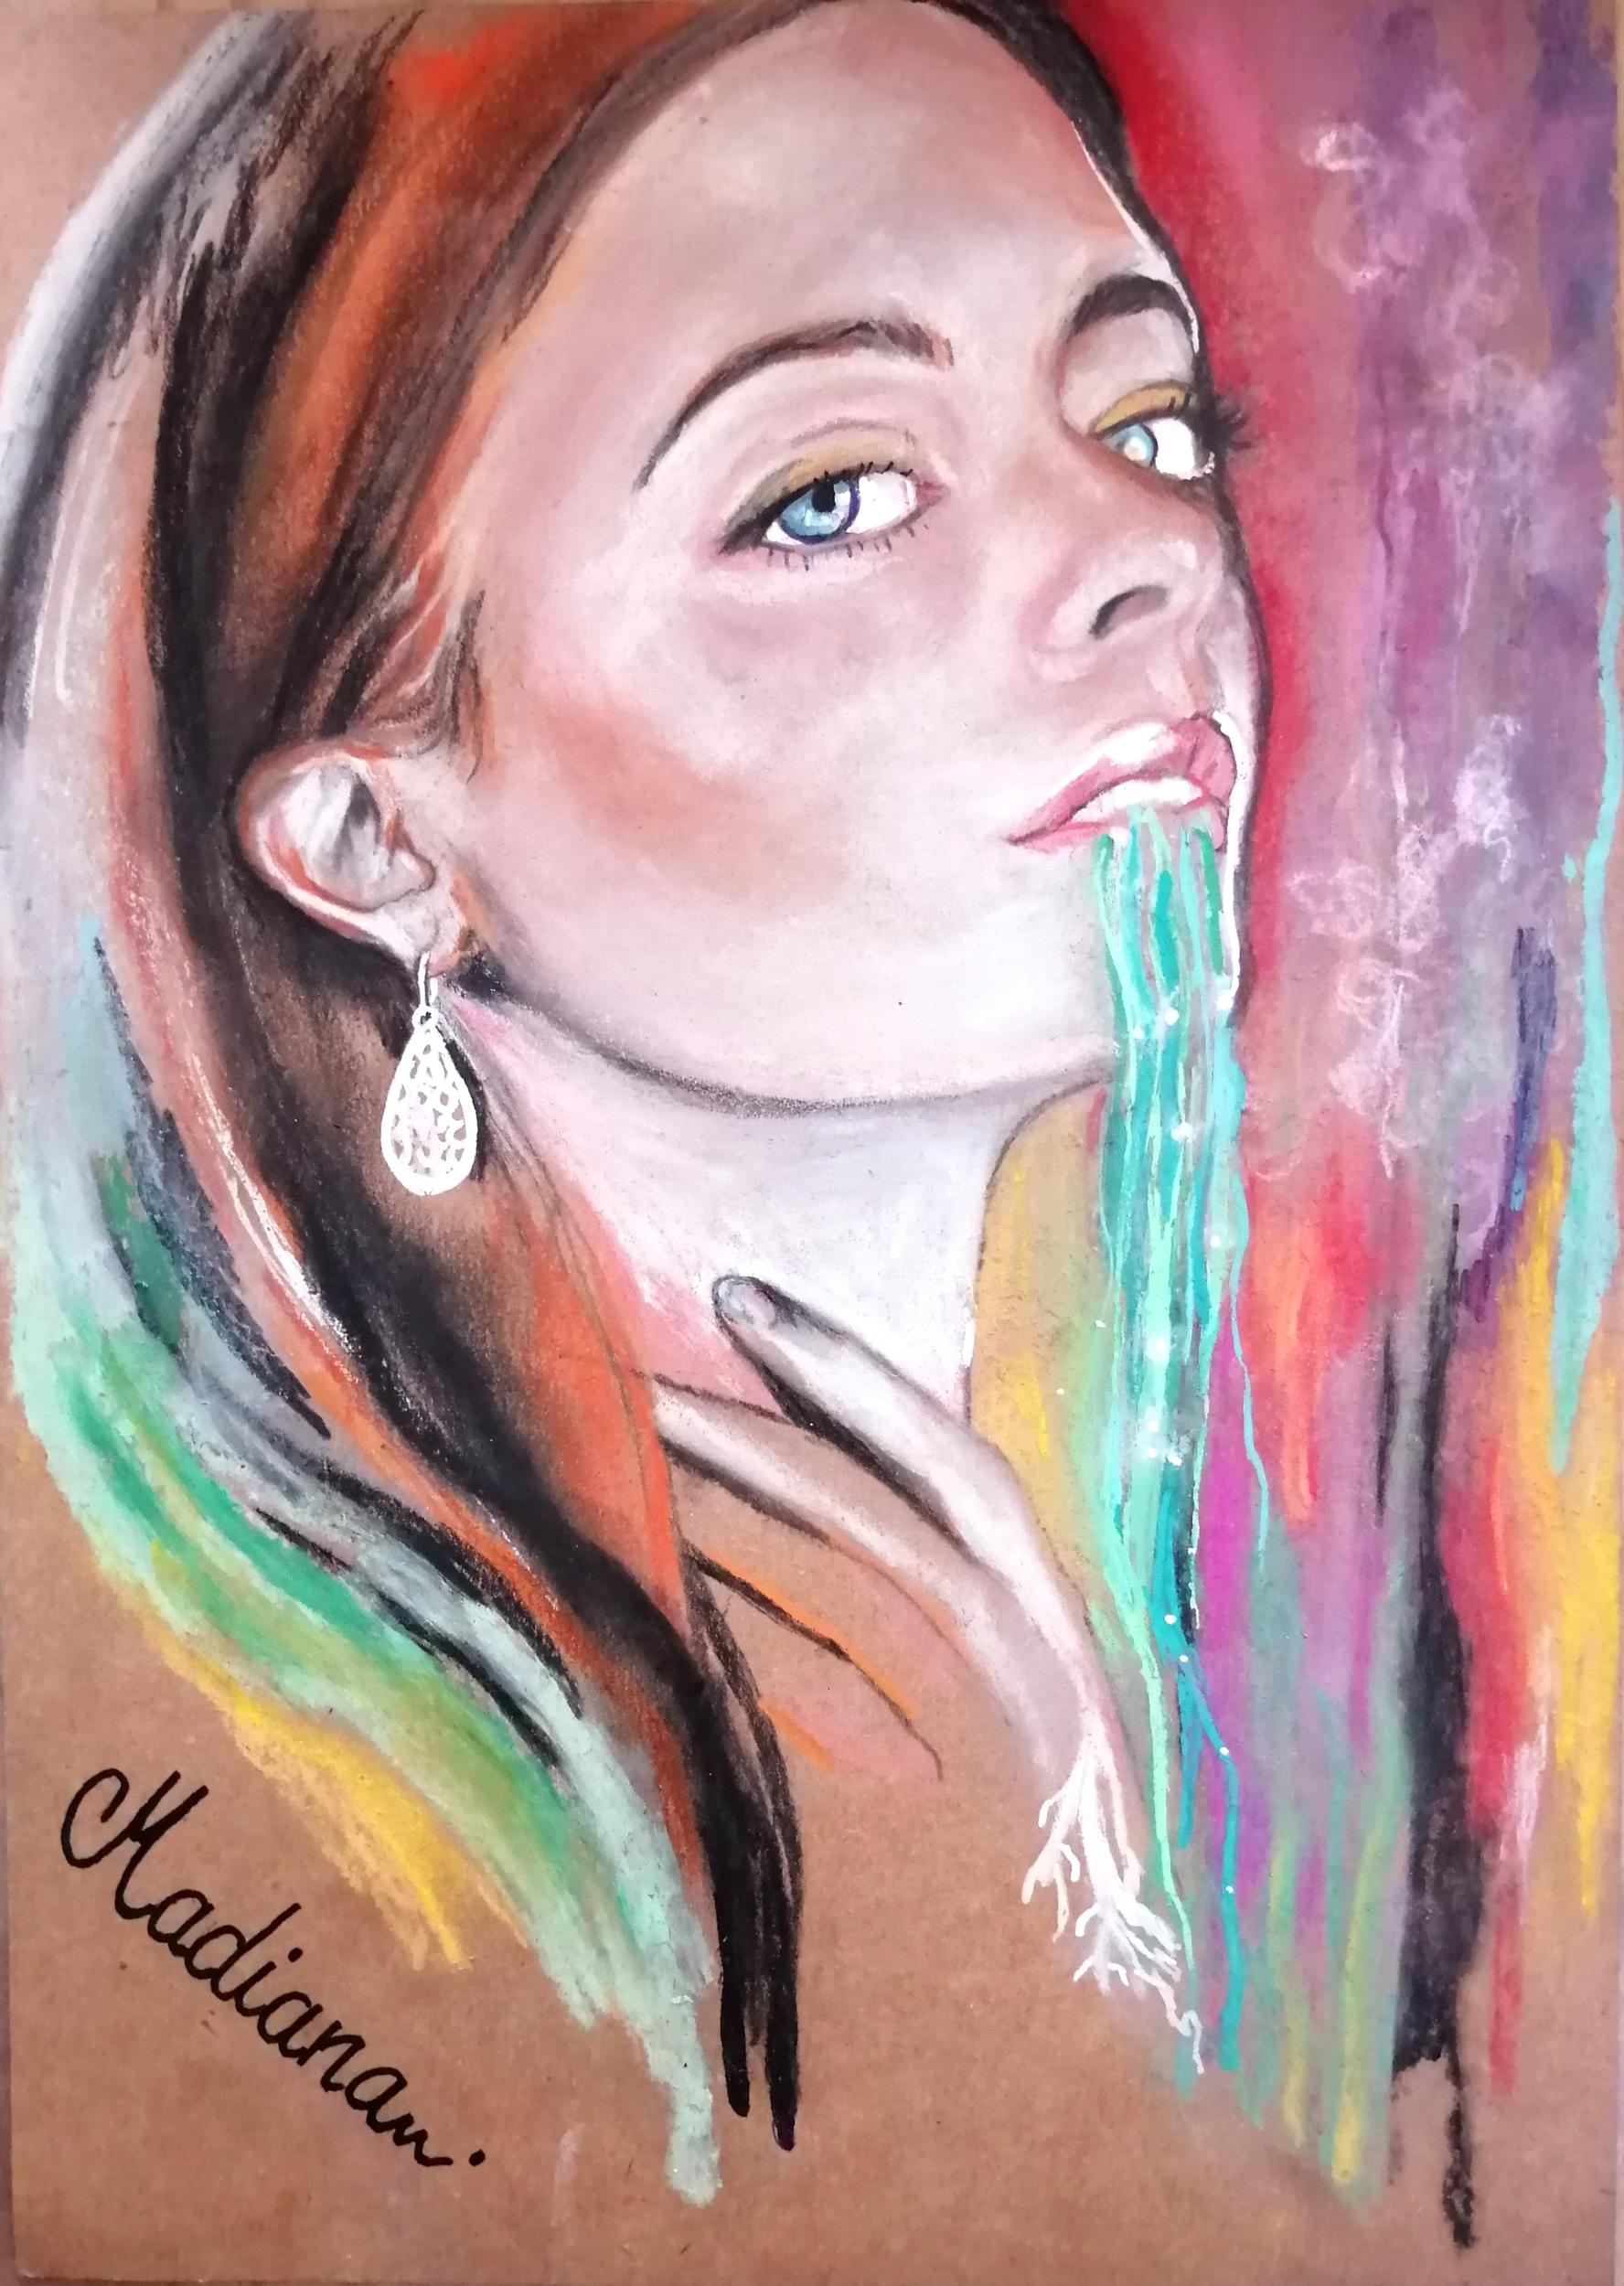 dessin art contemporain portrait femme multicolore boomerang